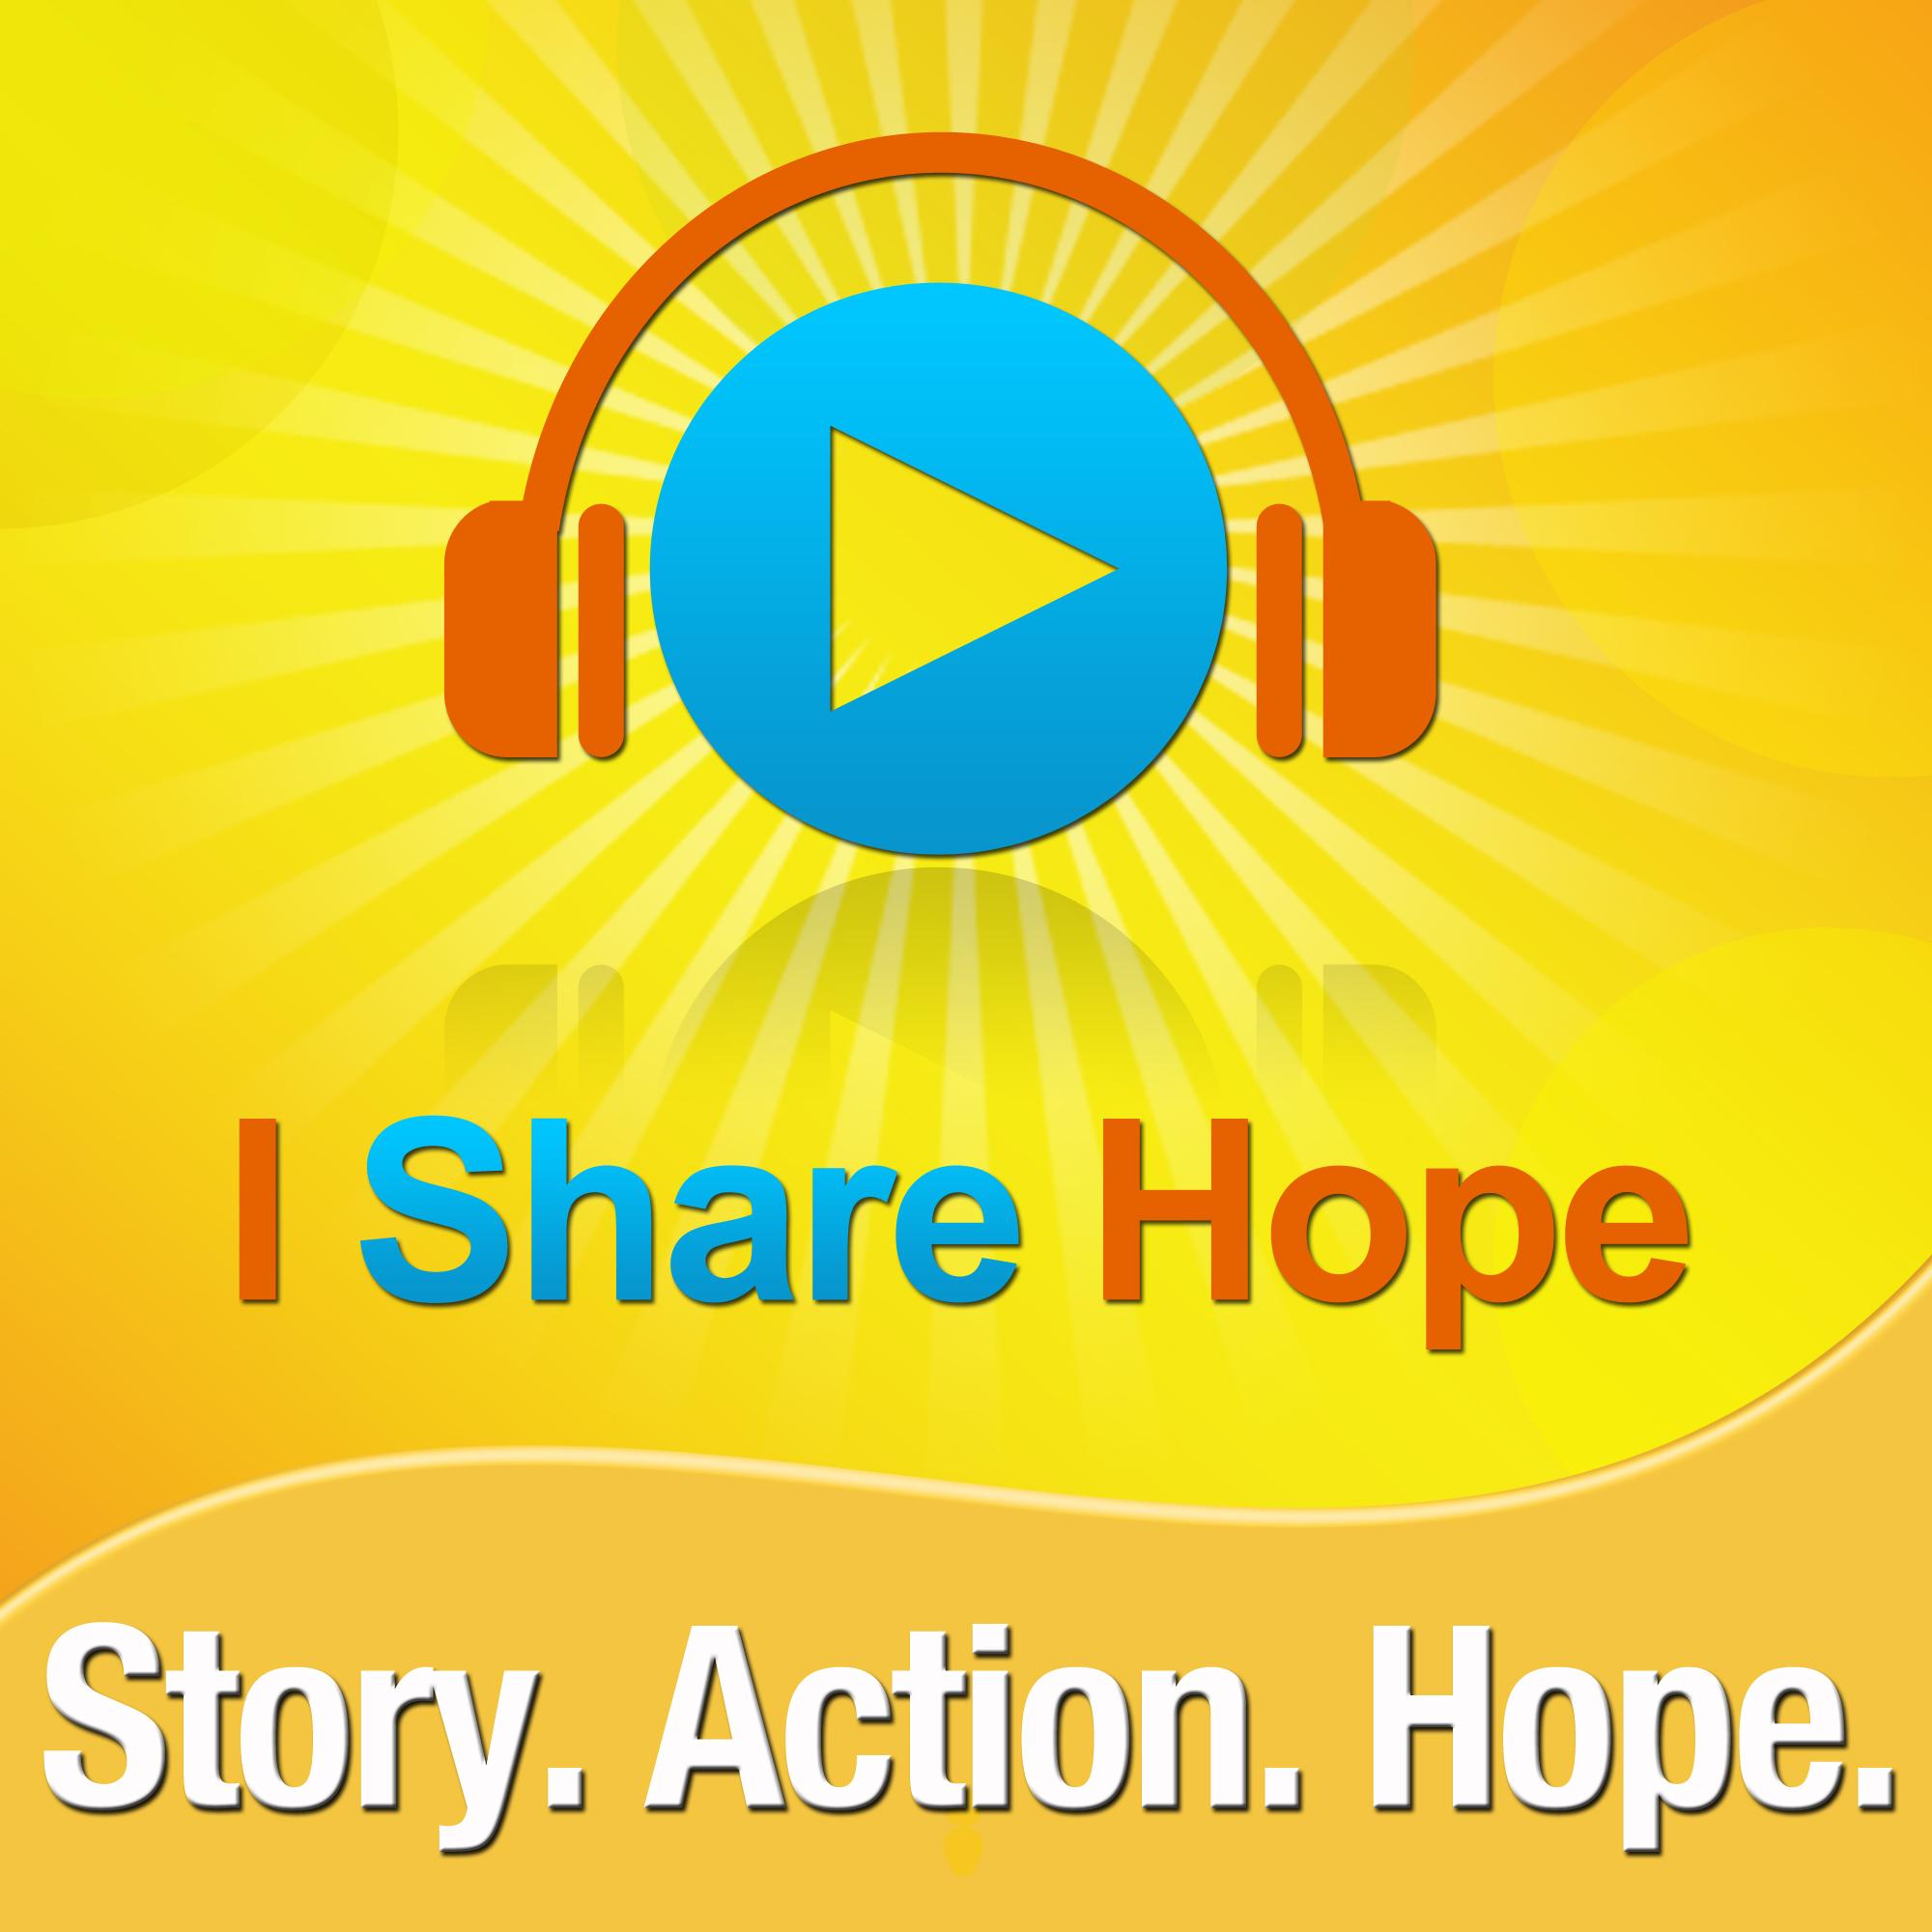 I Share Hope: Chris Williams show art